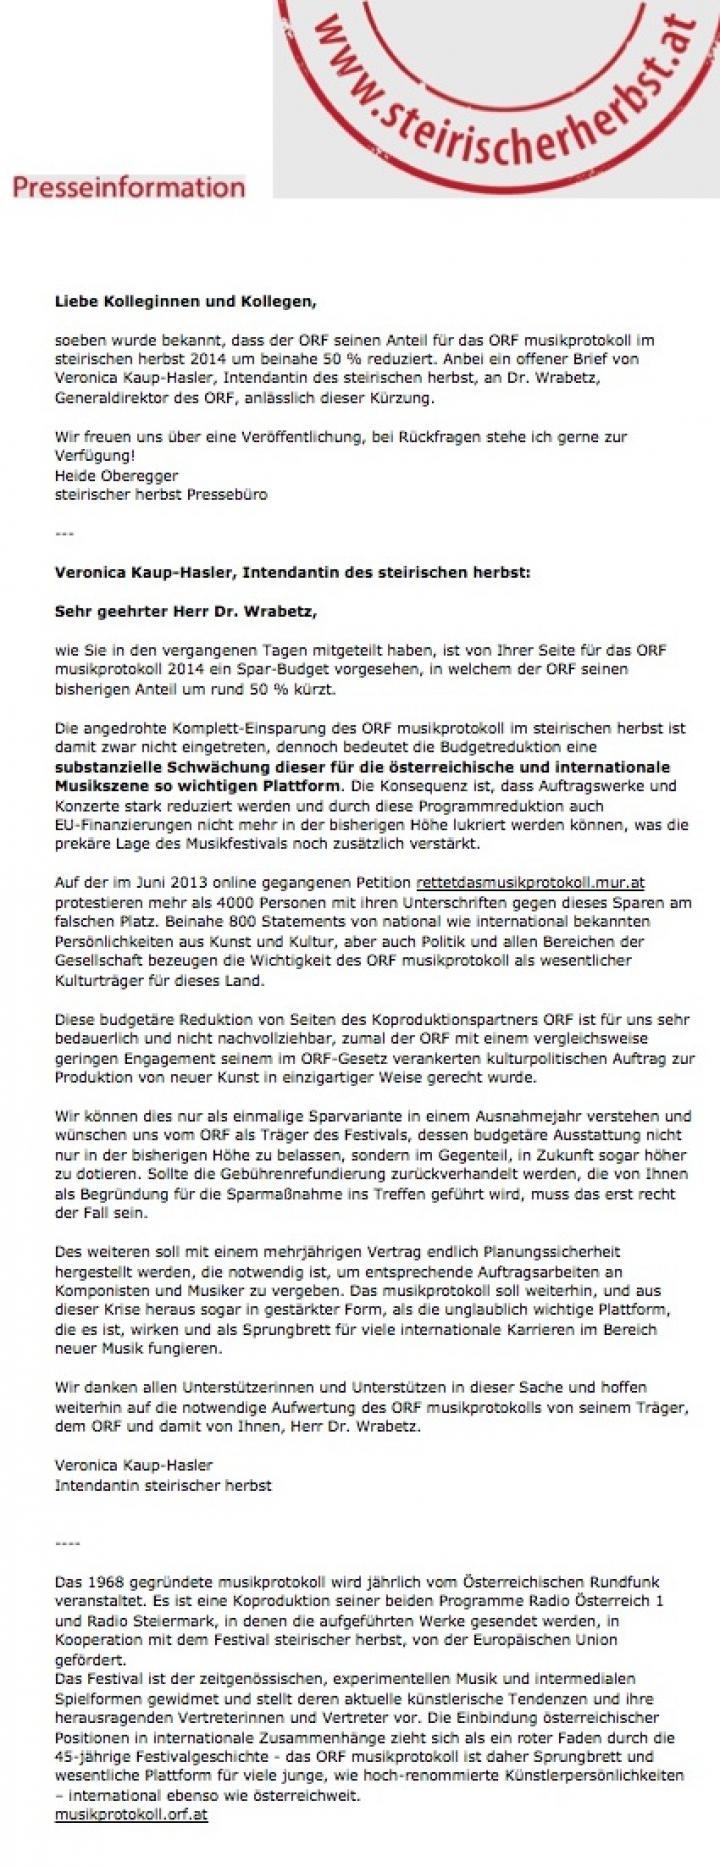 steirischer herbst - Pressinformation Kopie